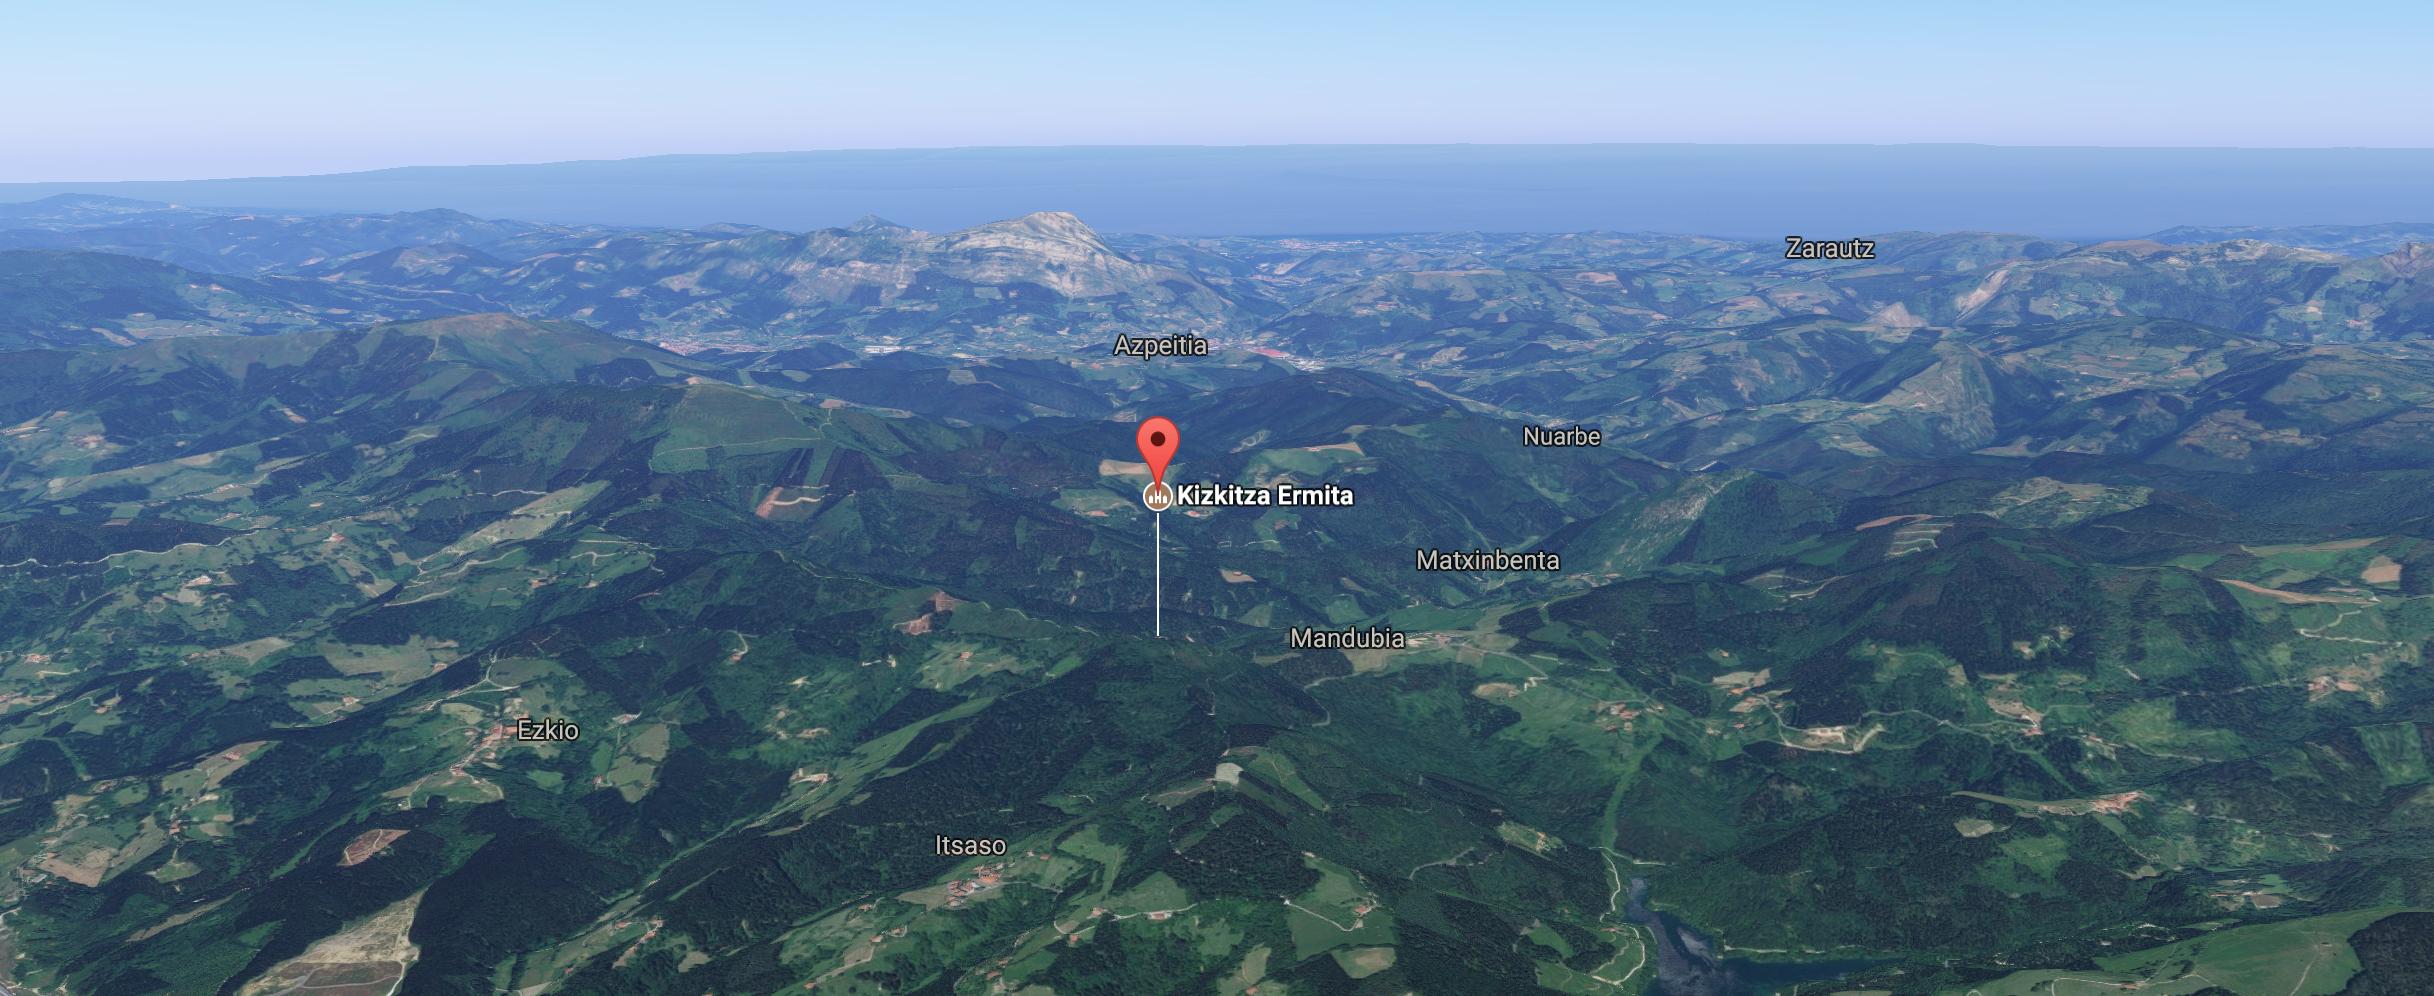 Itsasoko Kizkitza tontorreko baseliza 3D mapan